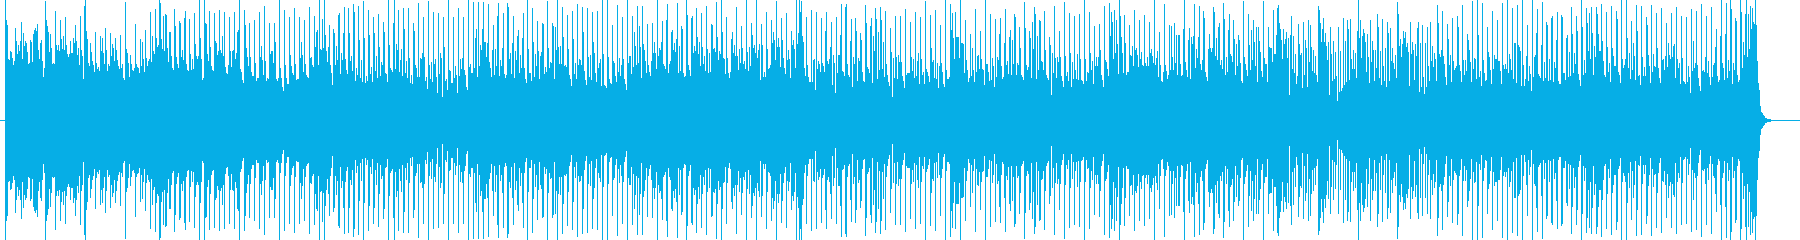 近未来的なハウスミュージックの再生済みの波形